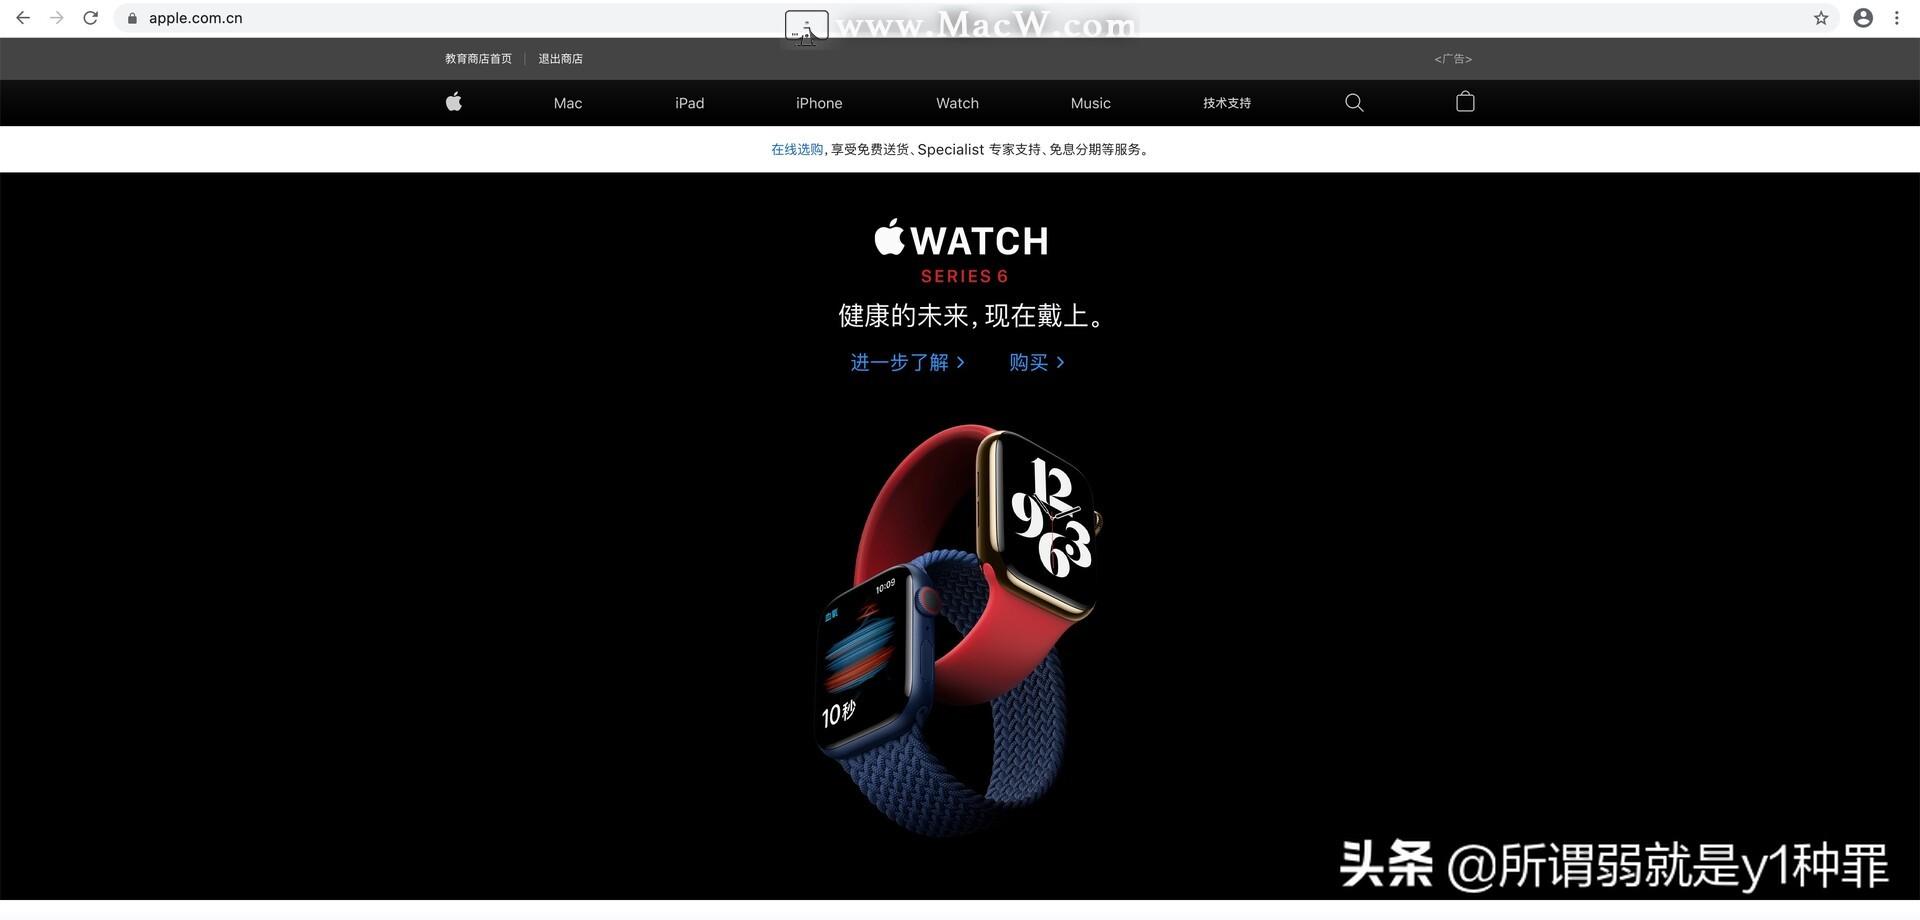 苹果官网教育优惠购买流程(苹果官网)插图1